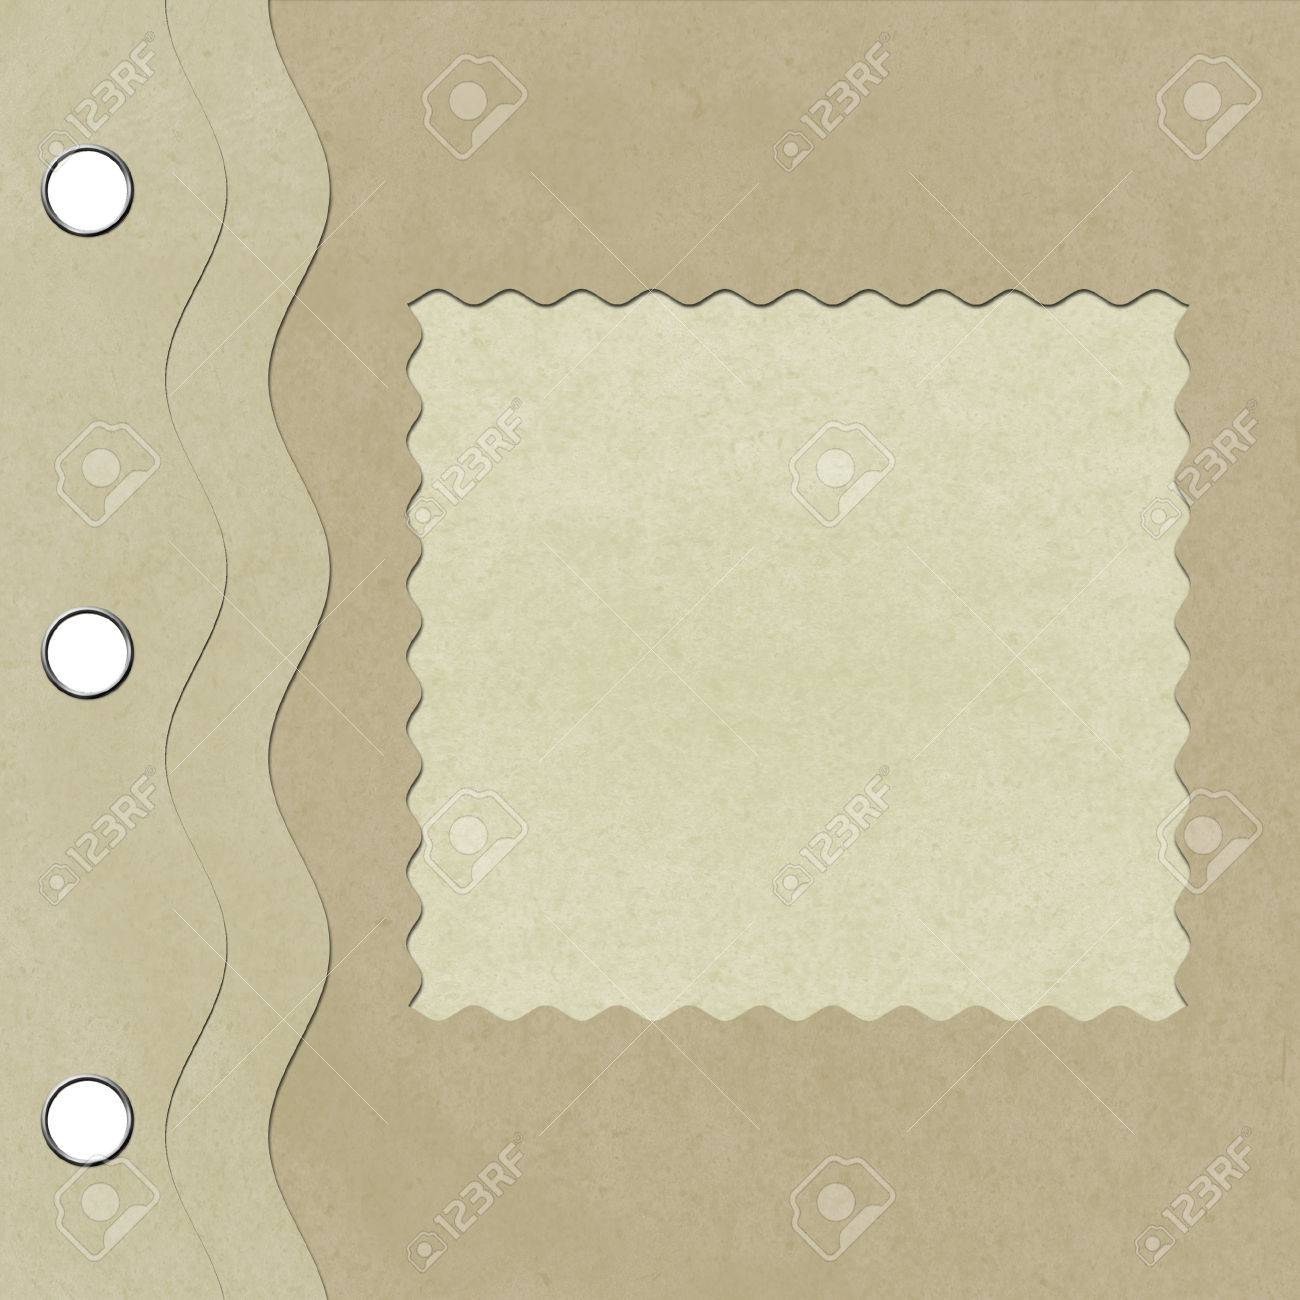 Ausgezeichnet Bild Papprahmen Zeitgenössisch - Benutzerdefinierte ...